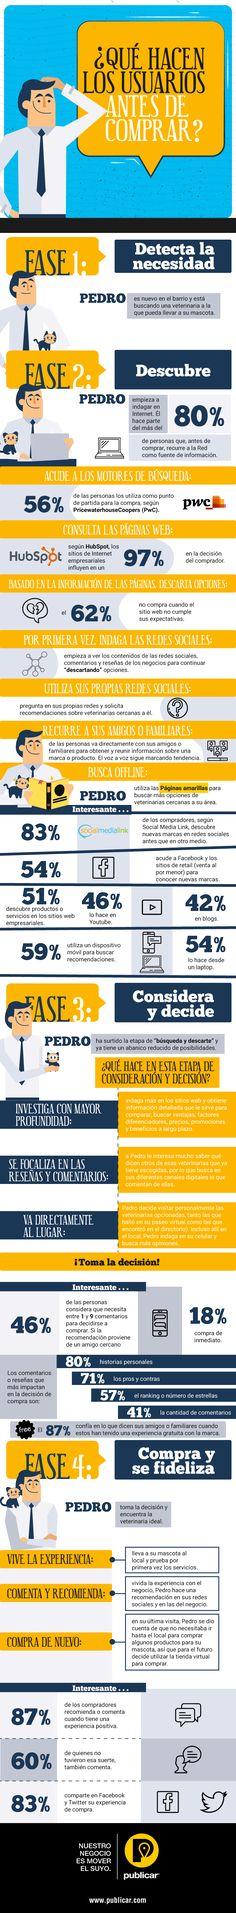 Qué hacen los usuarios antes de comprar #infografia